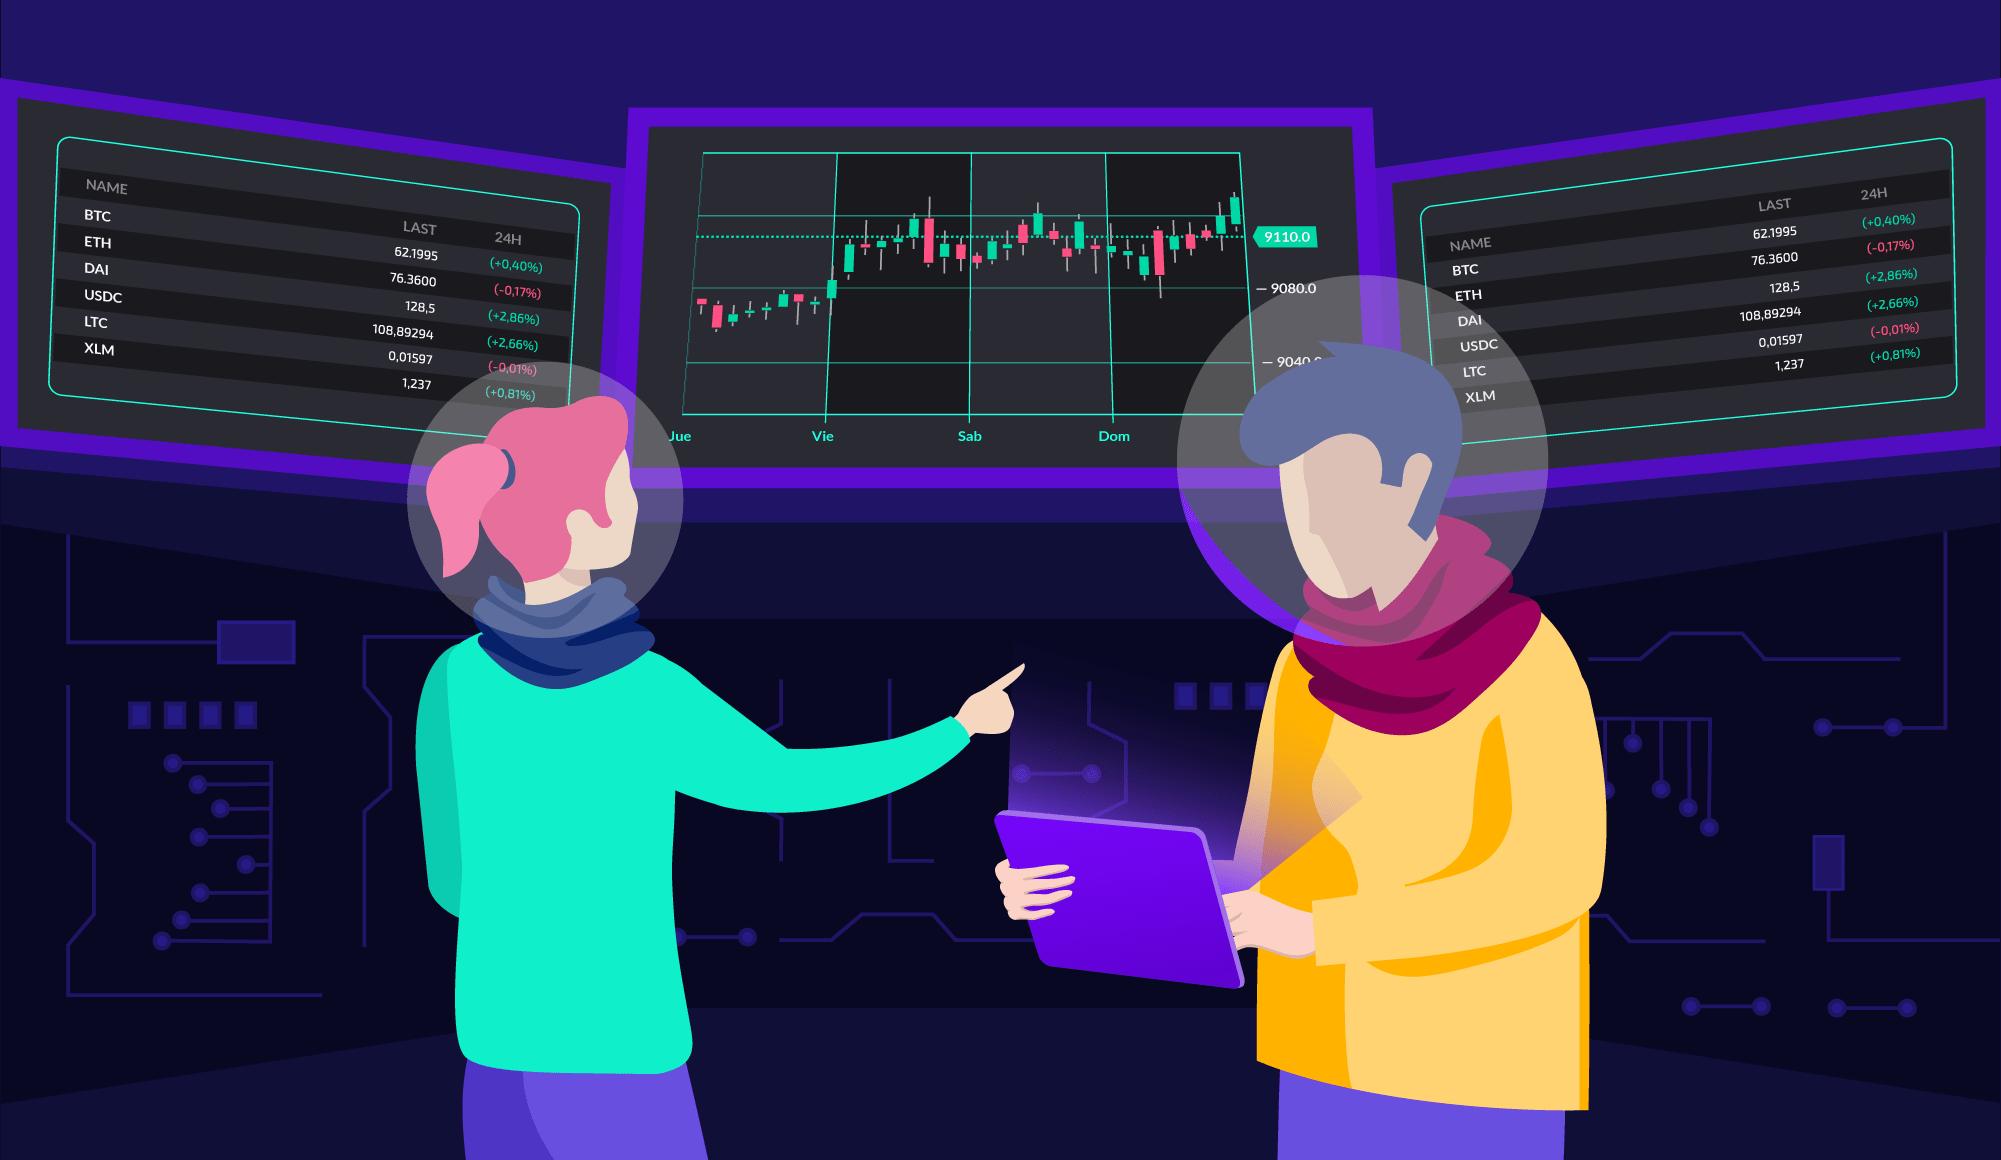 Exchanges de criptomoedas para trading e investimento